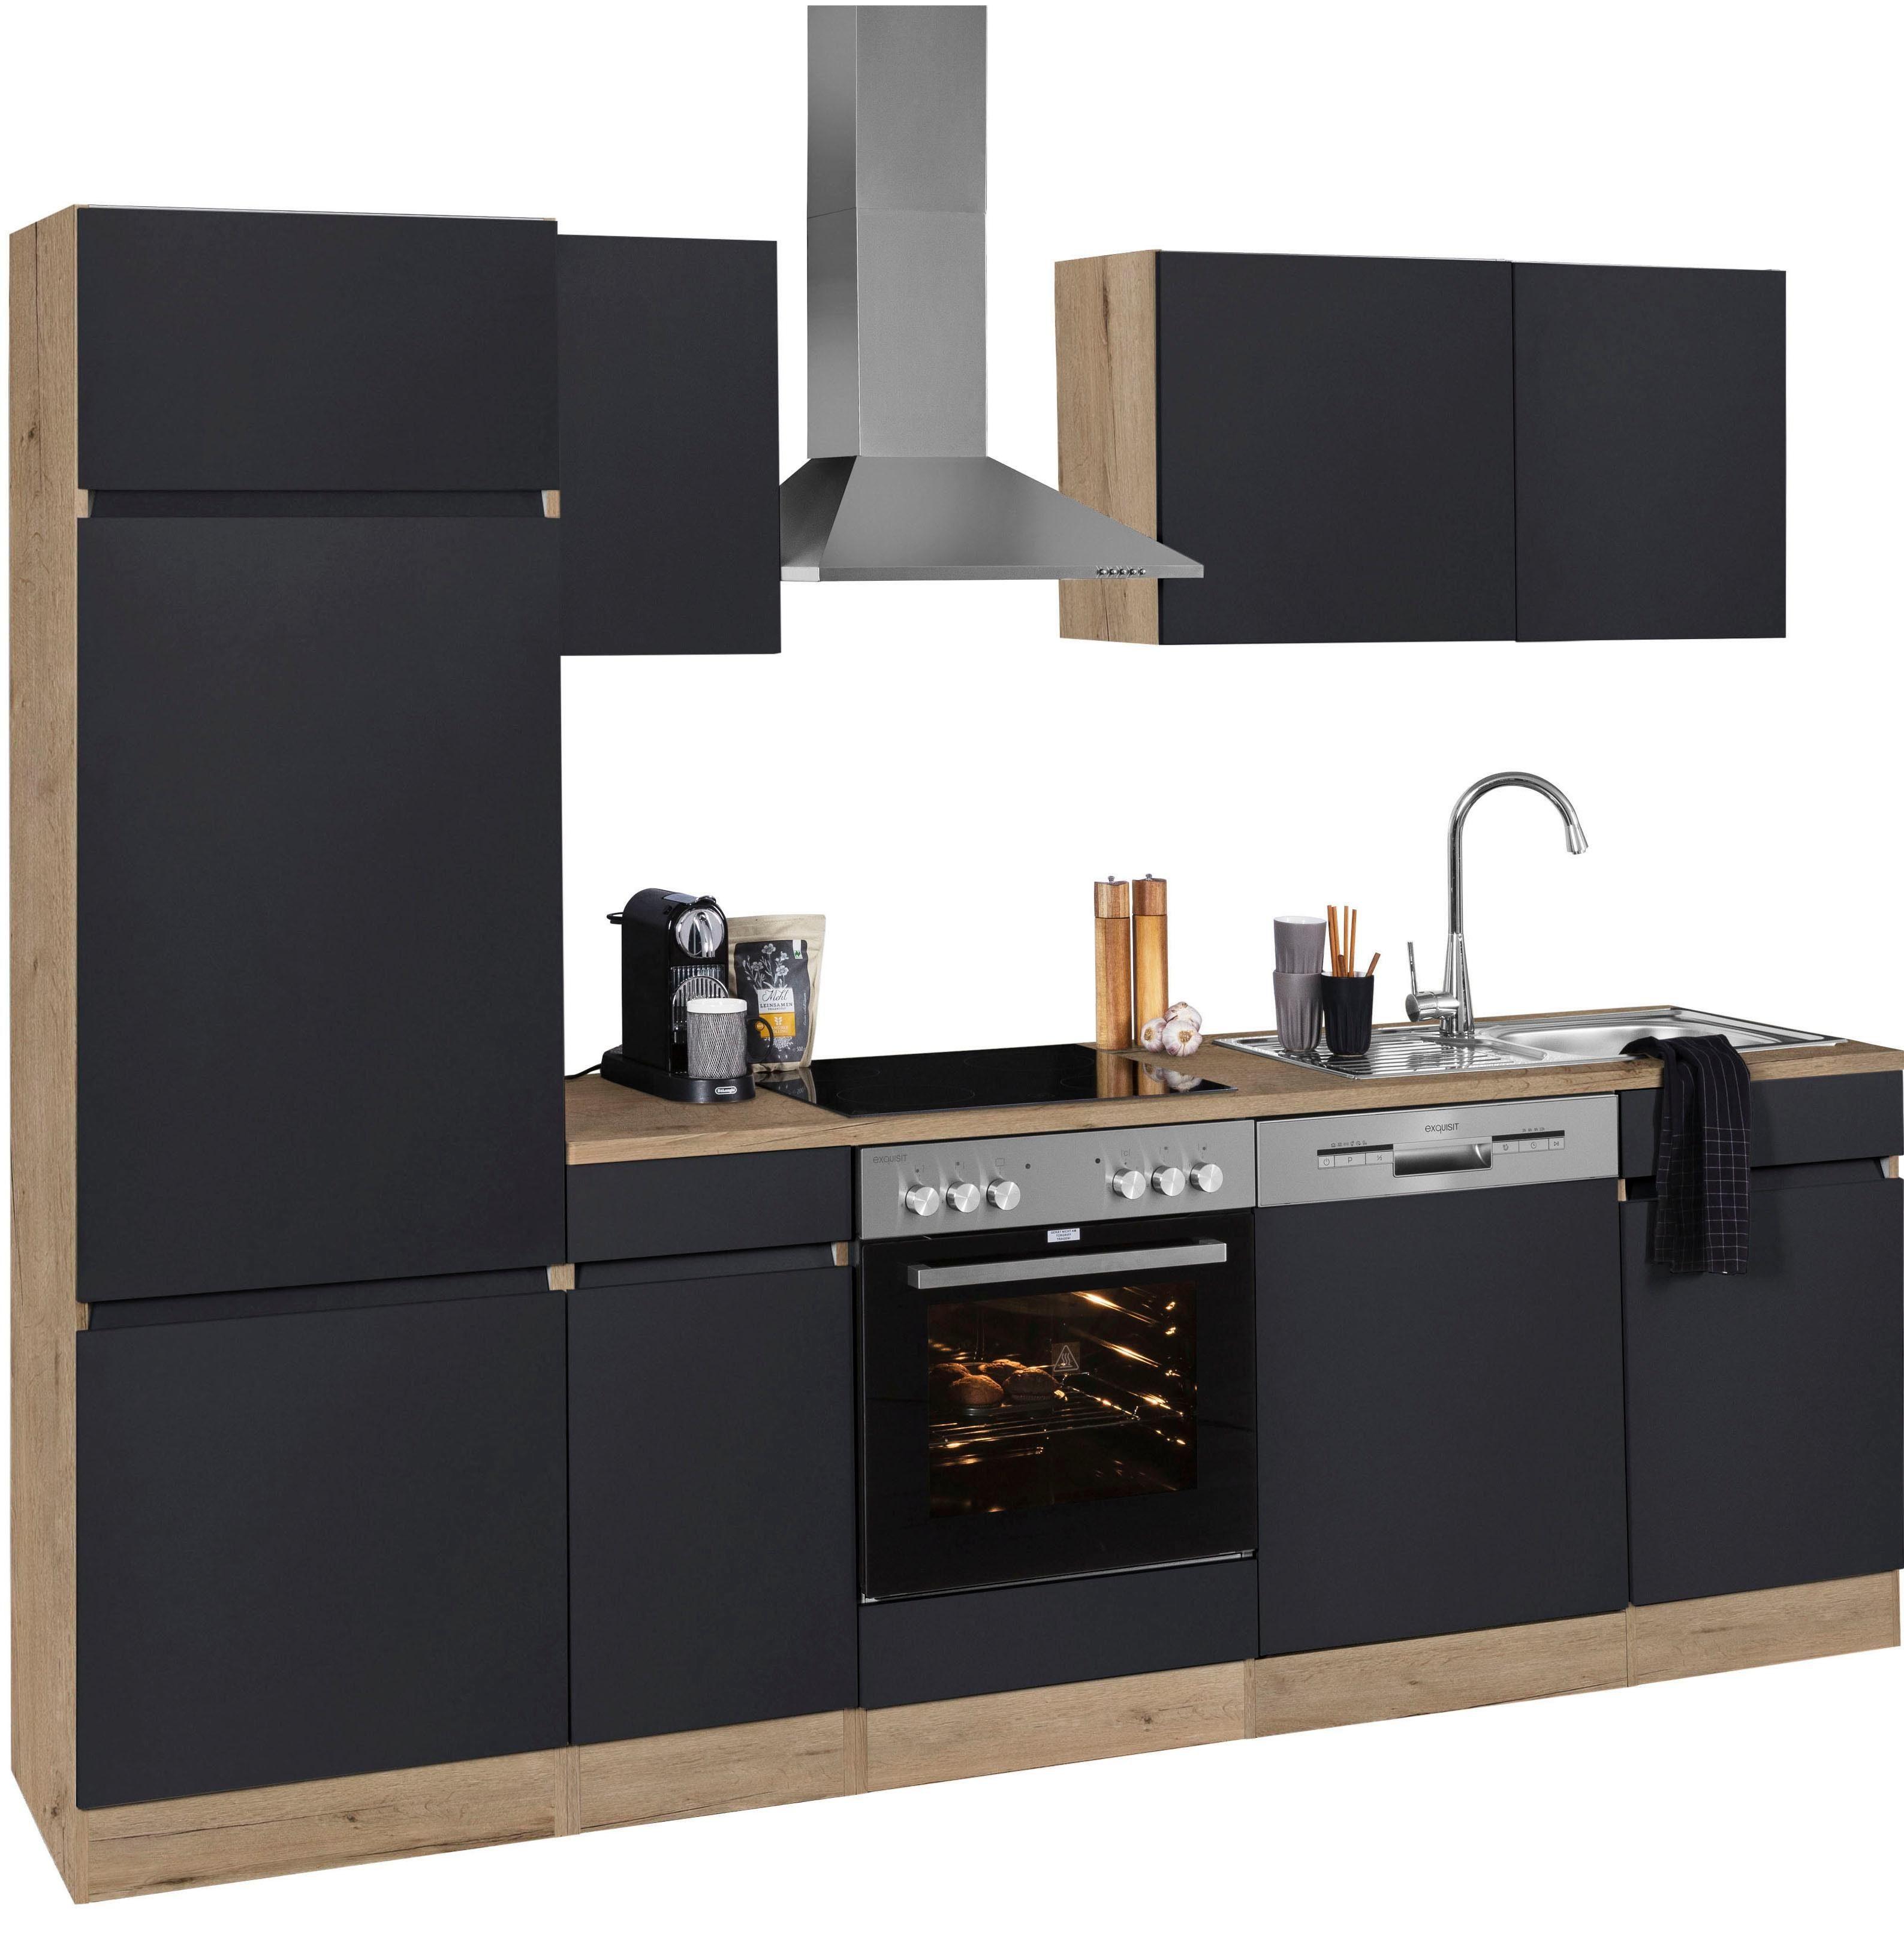 OPTIFIT Küchenzeile Roth Wohnen/Möbel/Küchenmöbel/Küchenzeilen & -blöcke/Küchenzeilen ohne Geräte